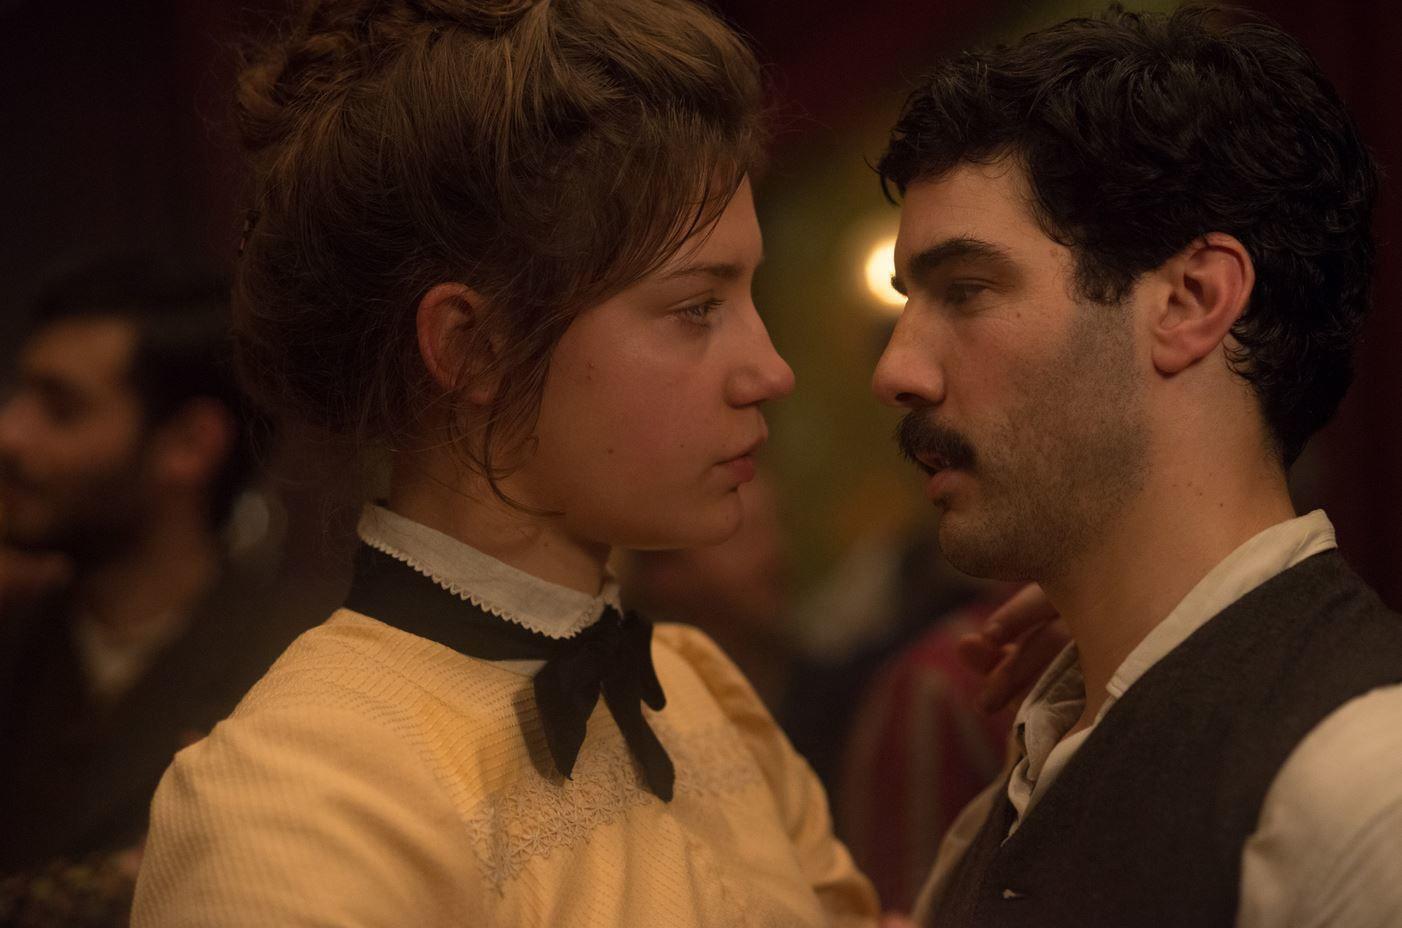 Première image du film Les anarchistes avec Adèle Exarchopoulos et Tahar Rahim.